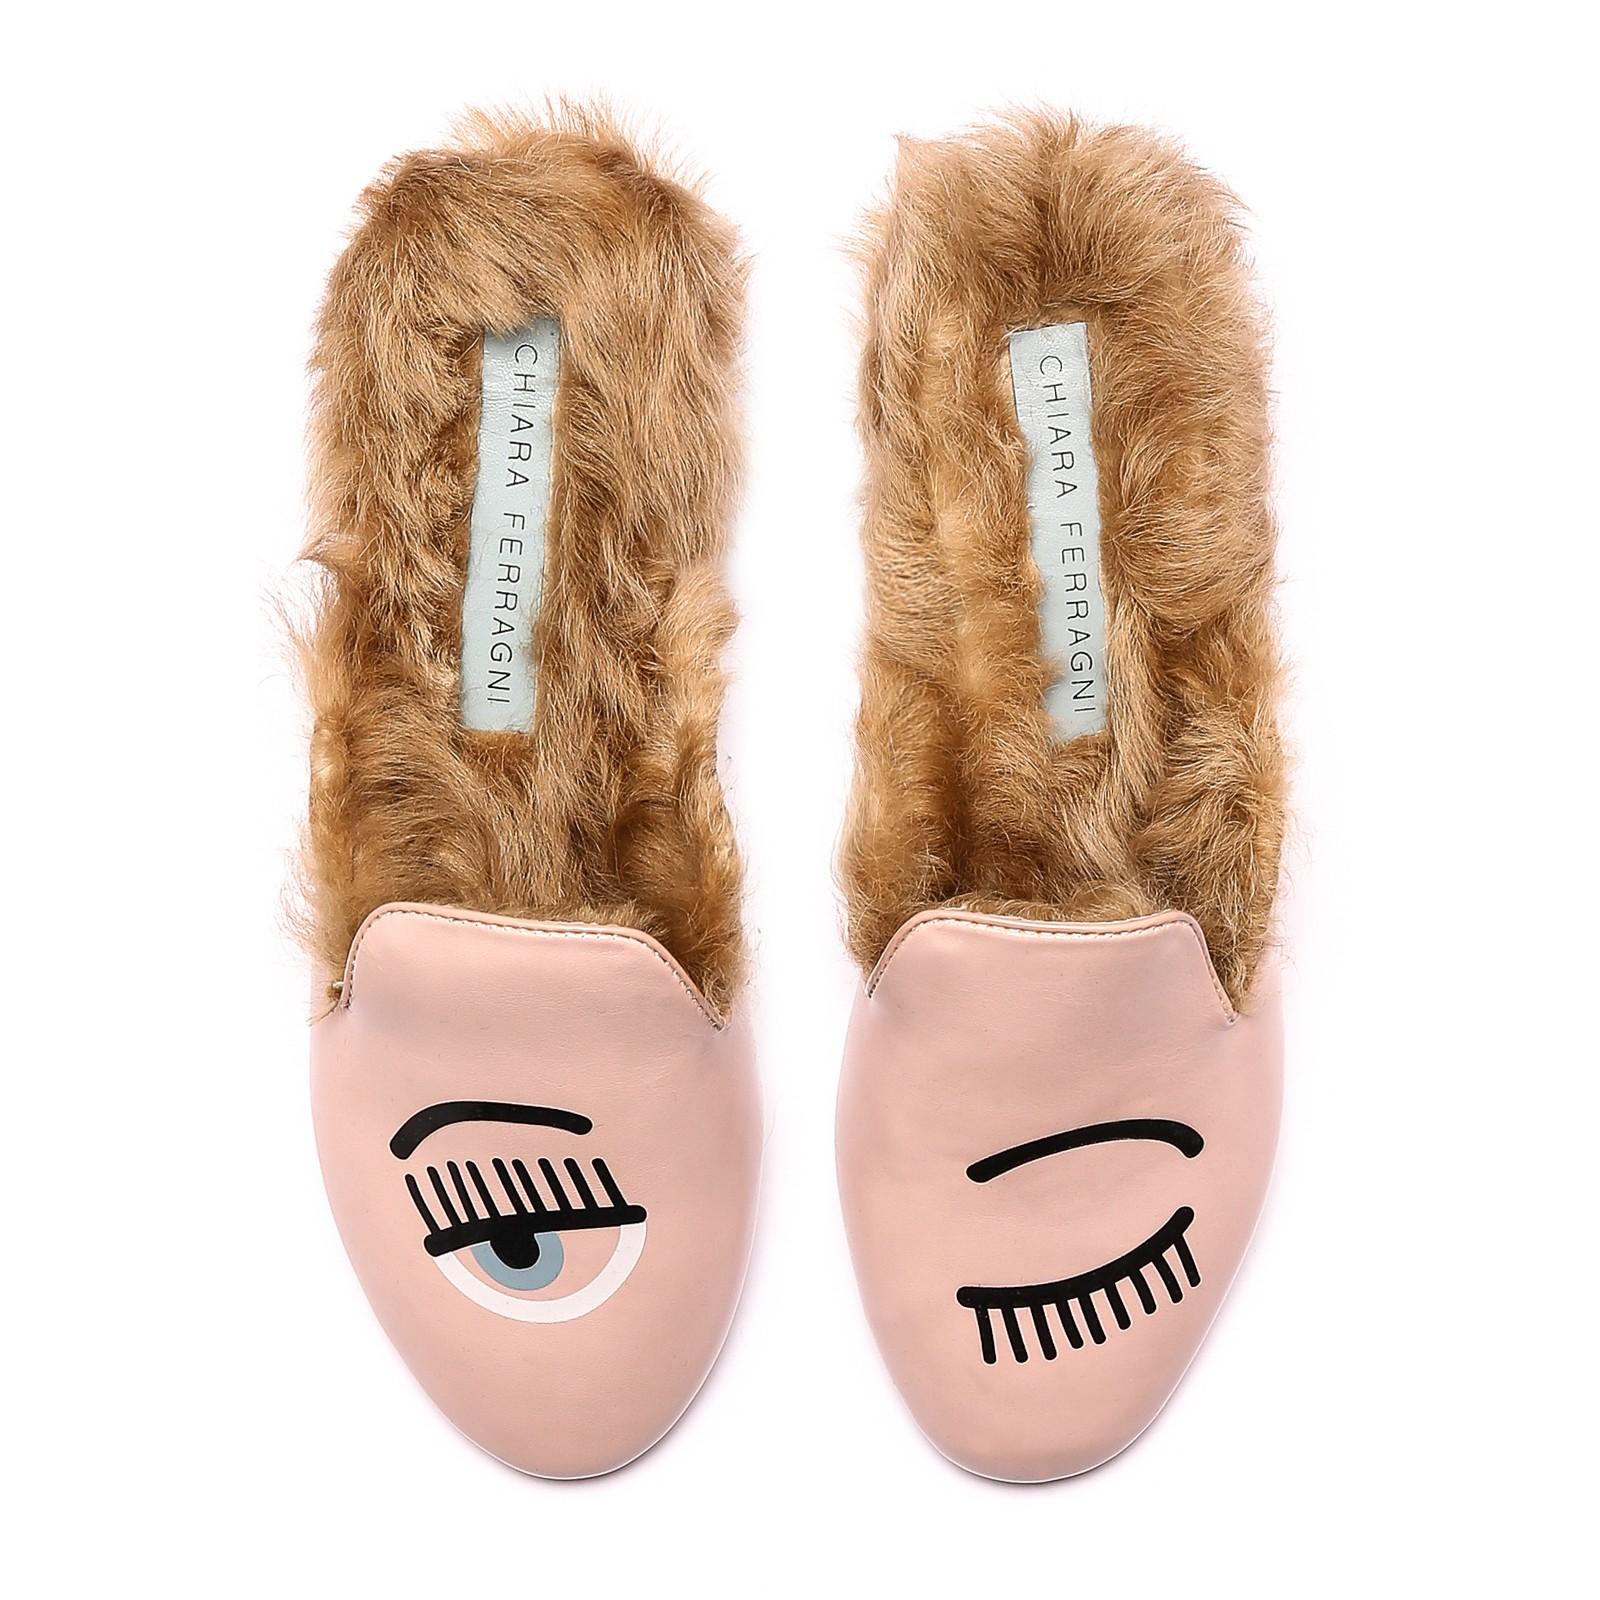 a90e0ba9cfb8e La ciabatta sceglie la pelliccia e diventa la calzatura must per l ...